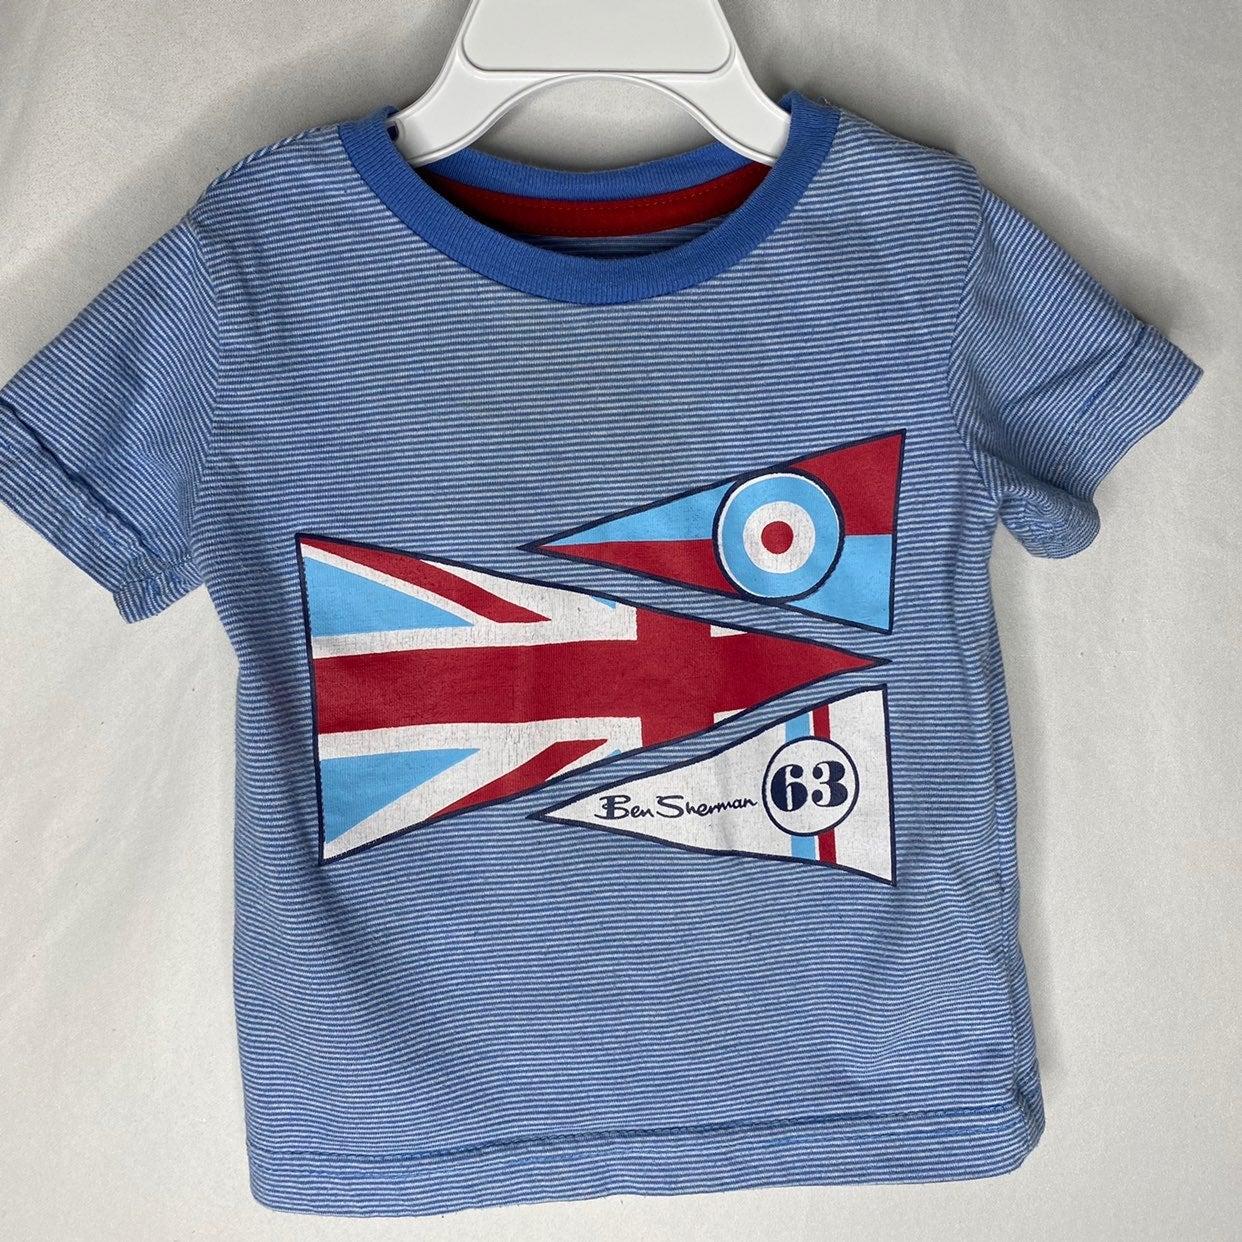 Ben Sherman T shirt Size 12M